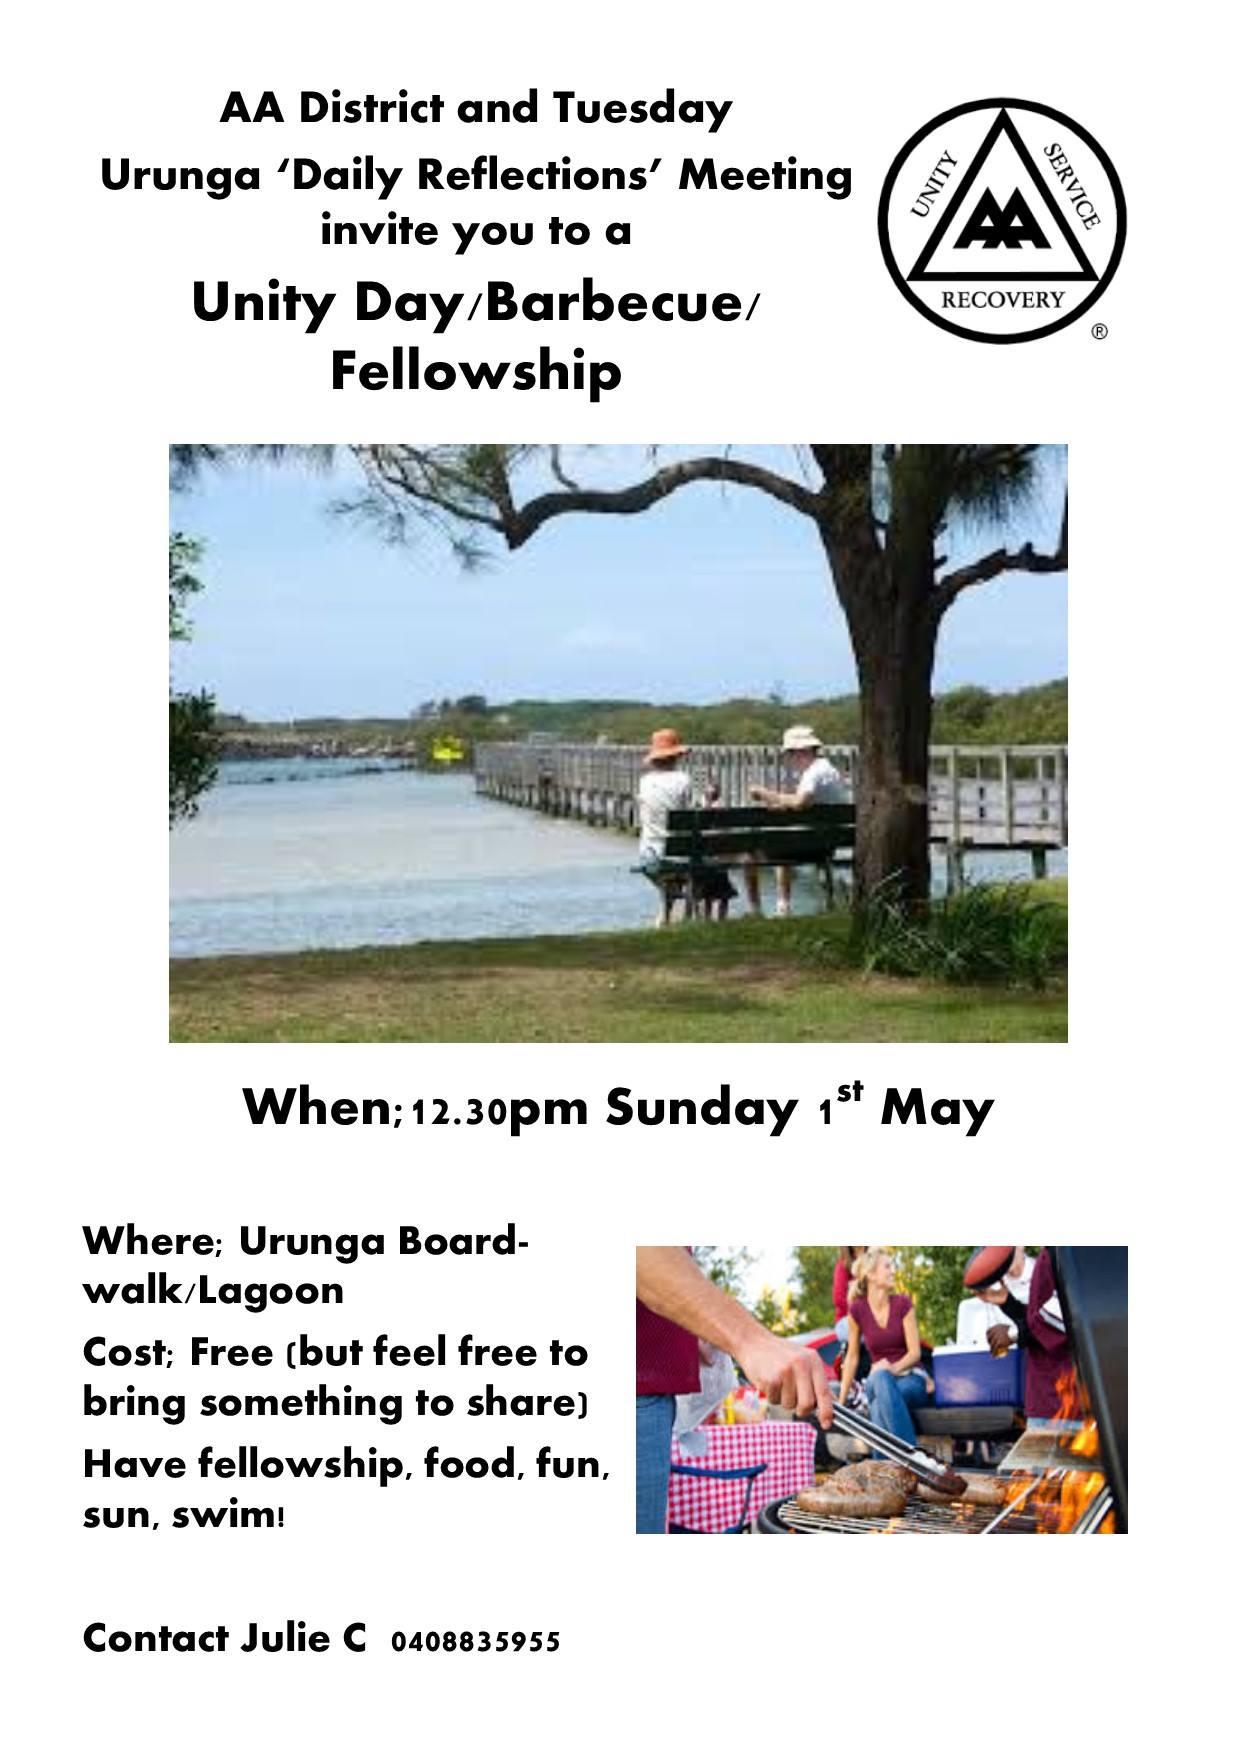 UNITY DAY SUNDAY 1 MAY 2016 URUNGA